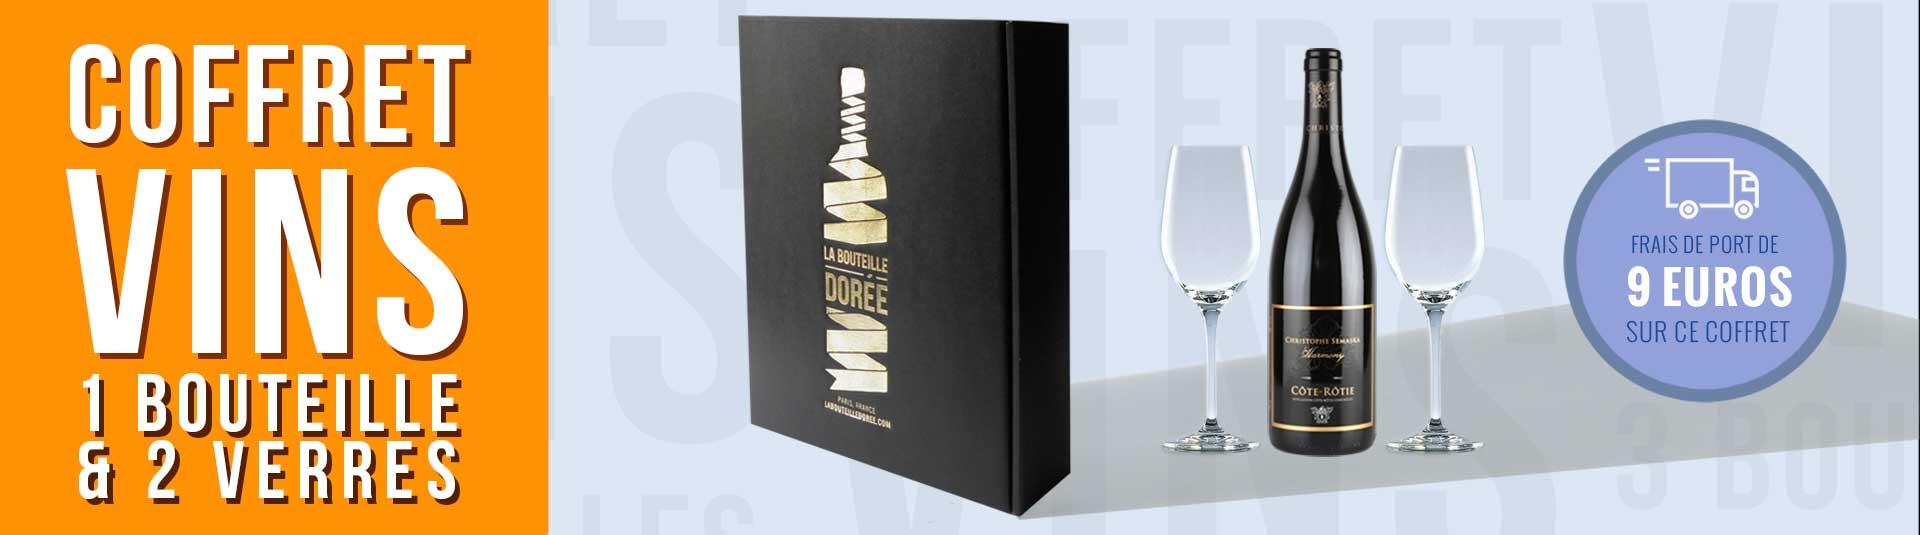 coffret vin Côte-Rôtie et 2 verres